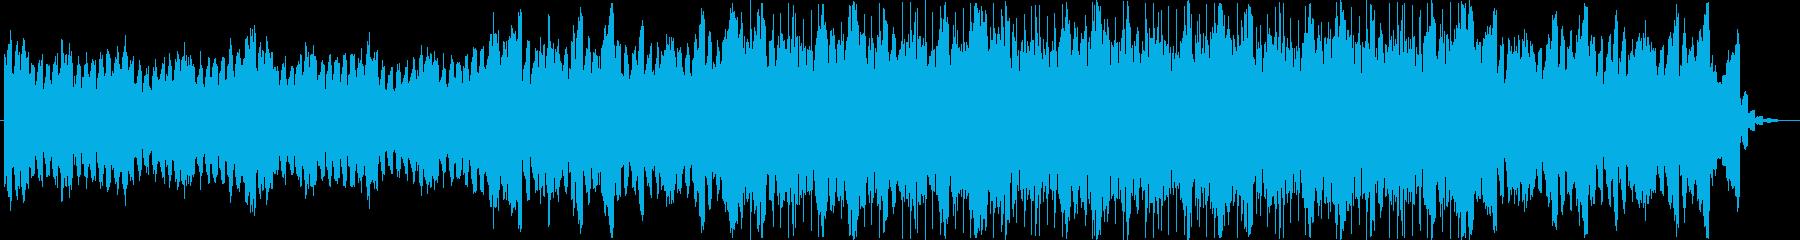 シンセ音のエレクトロニカ系BGMの再生済みの波形